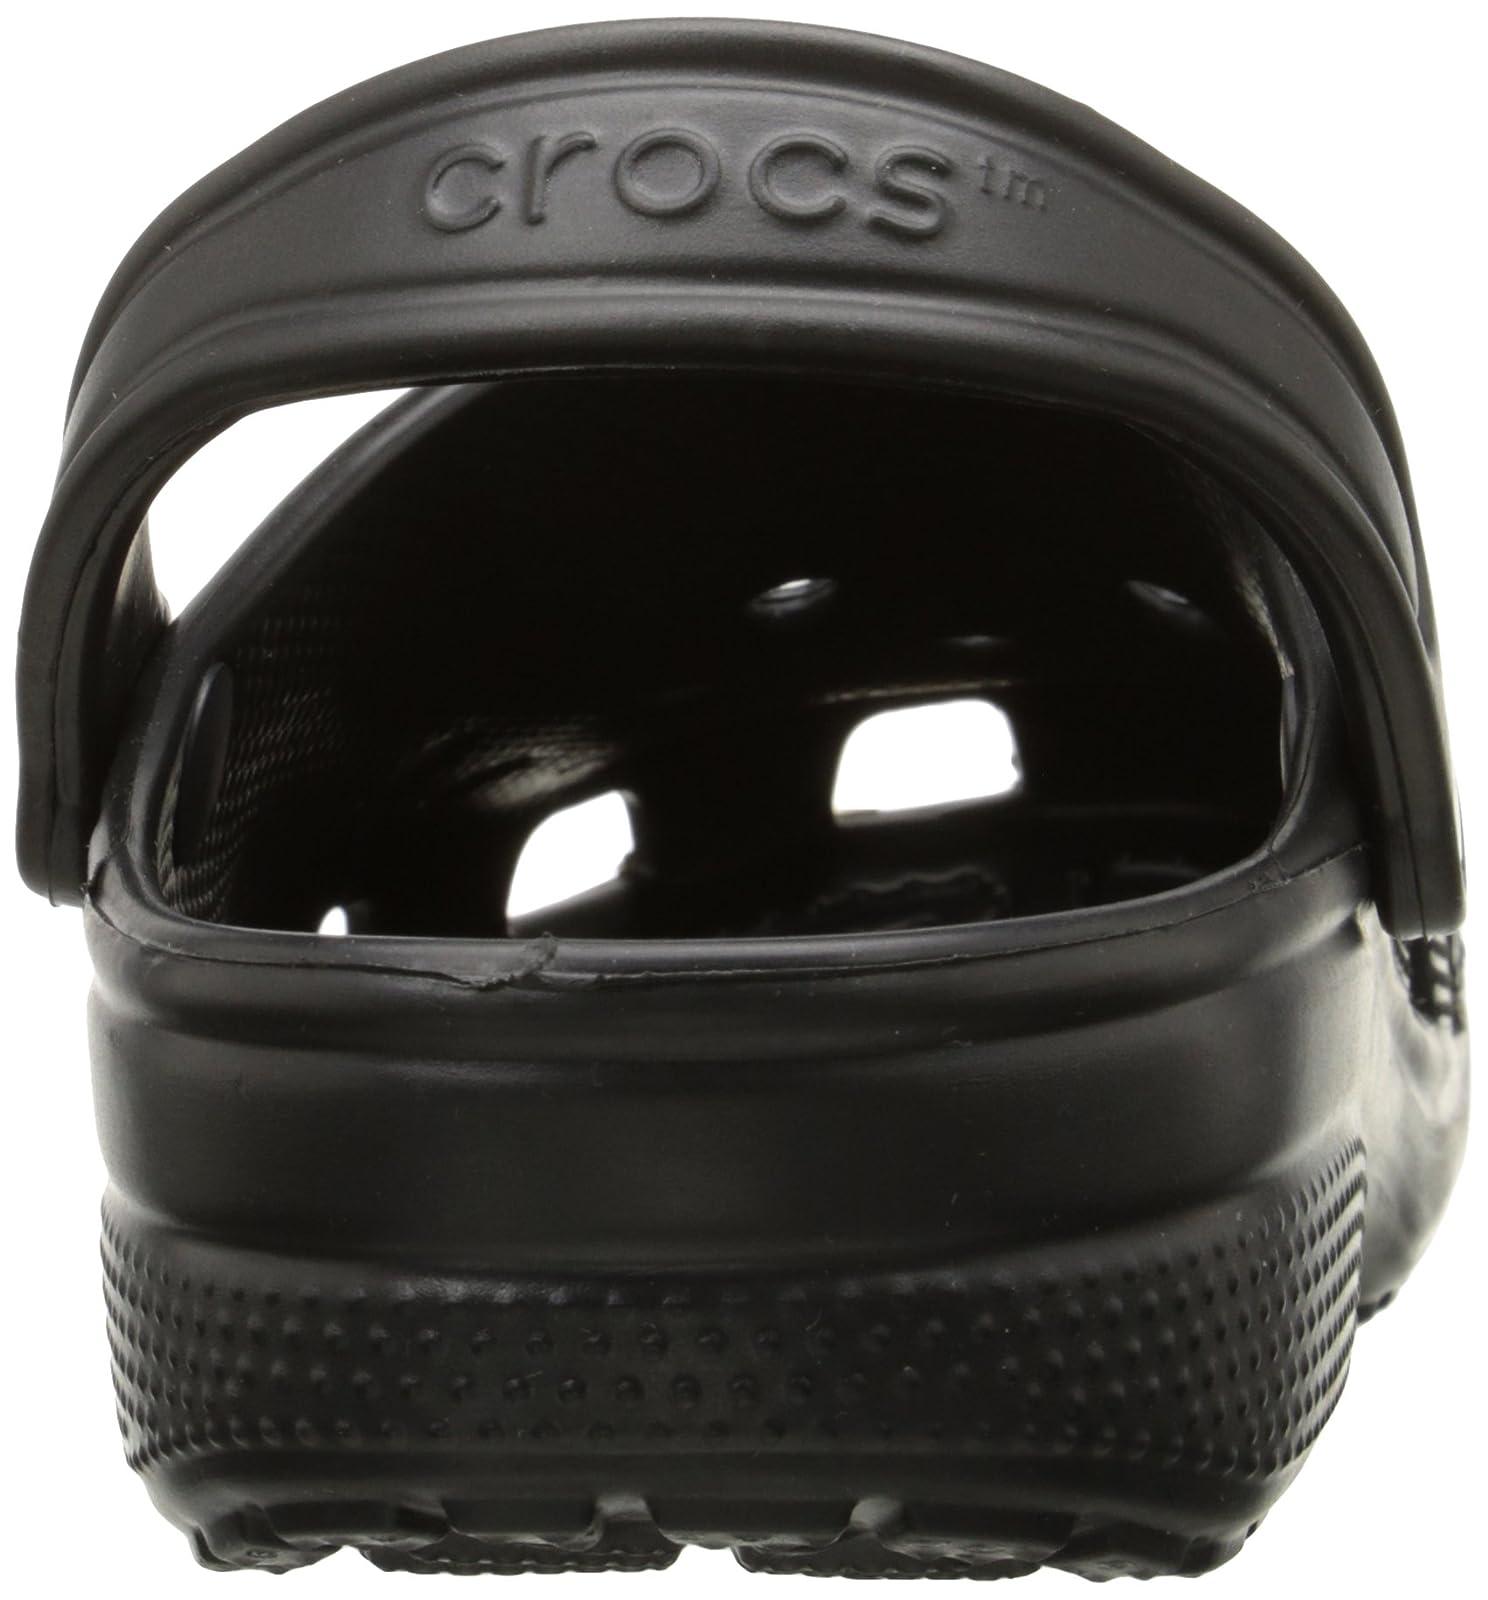 Crocs Men's and Women's Classic - 2